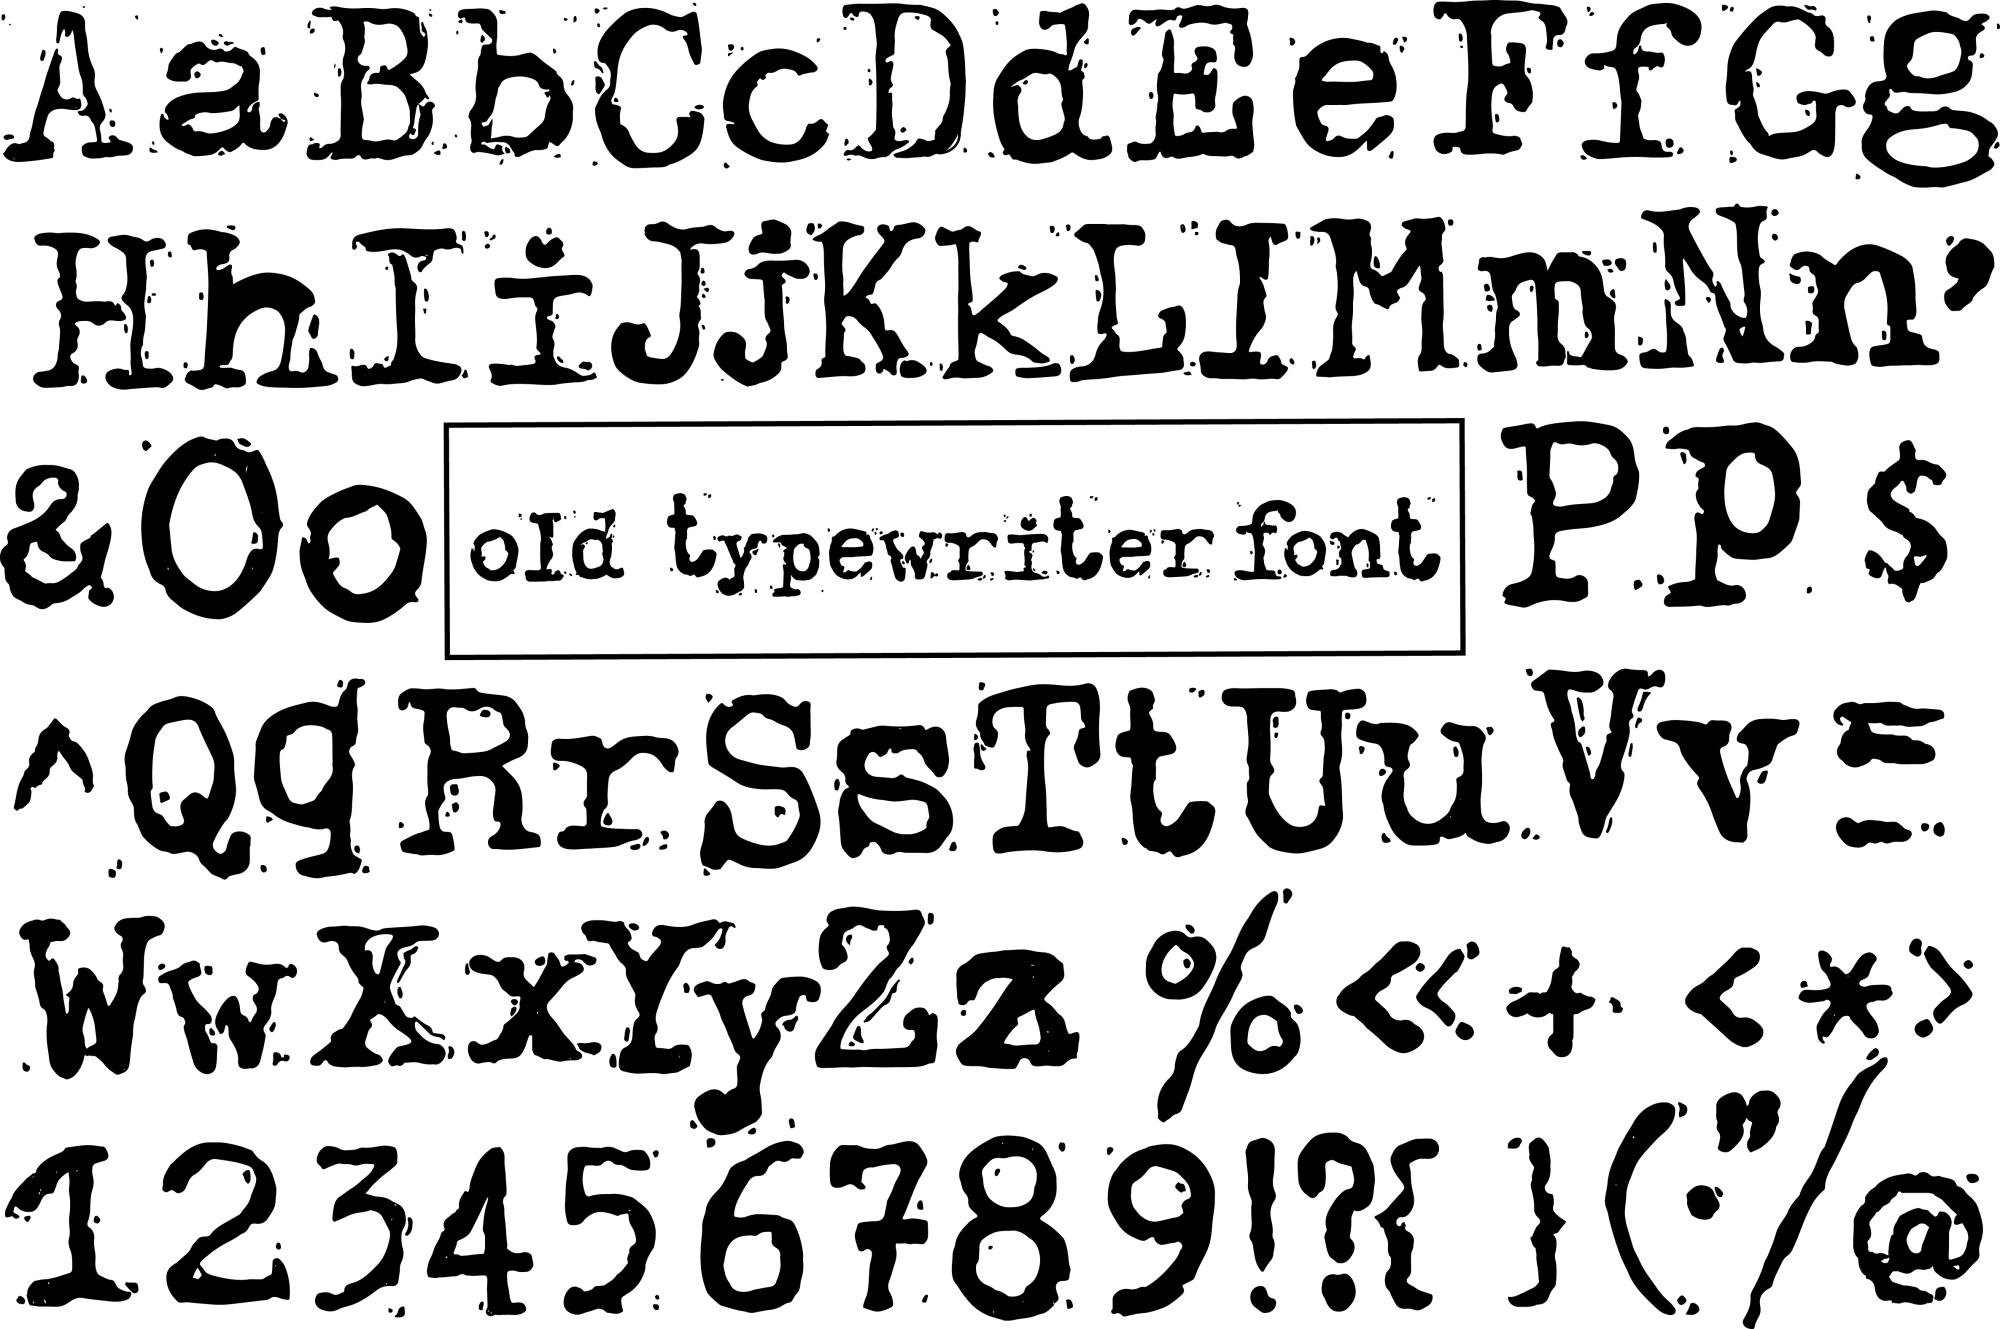 Old typewriter font example image 3